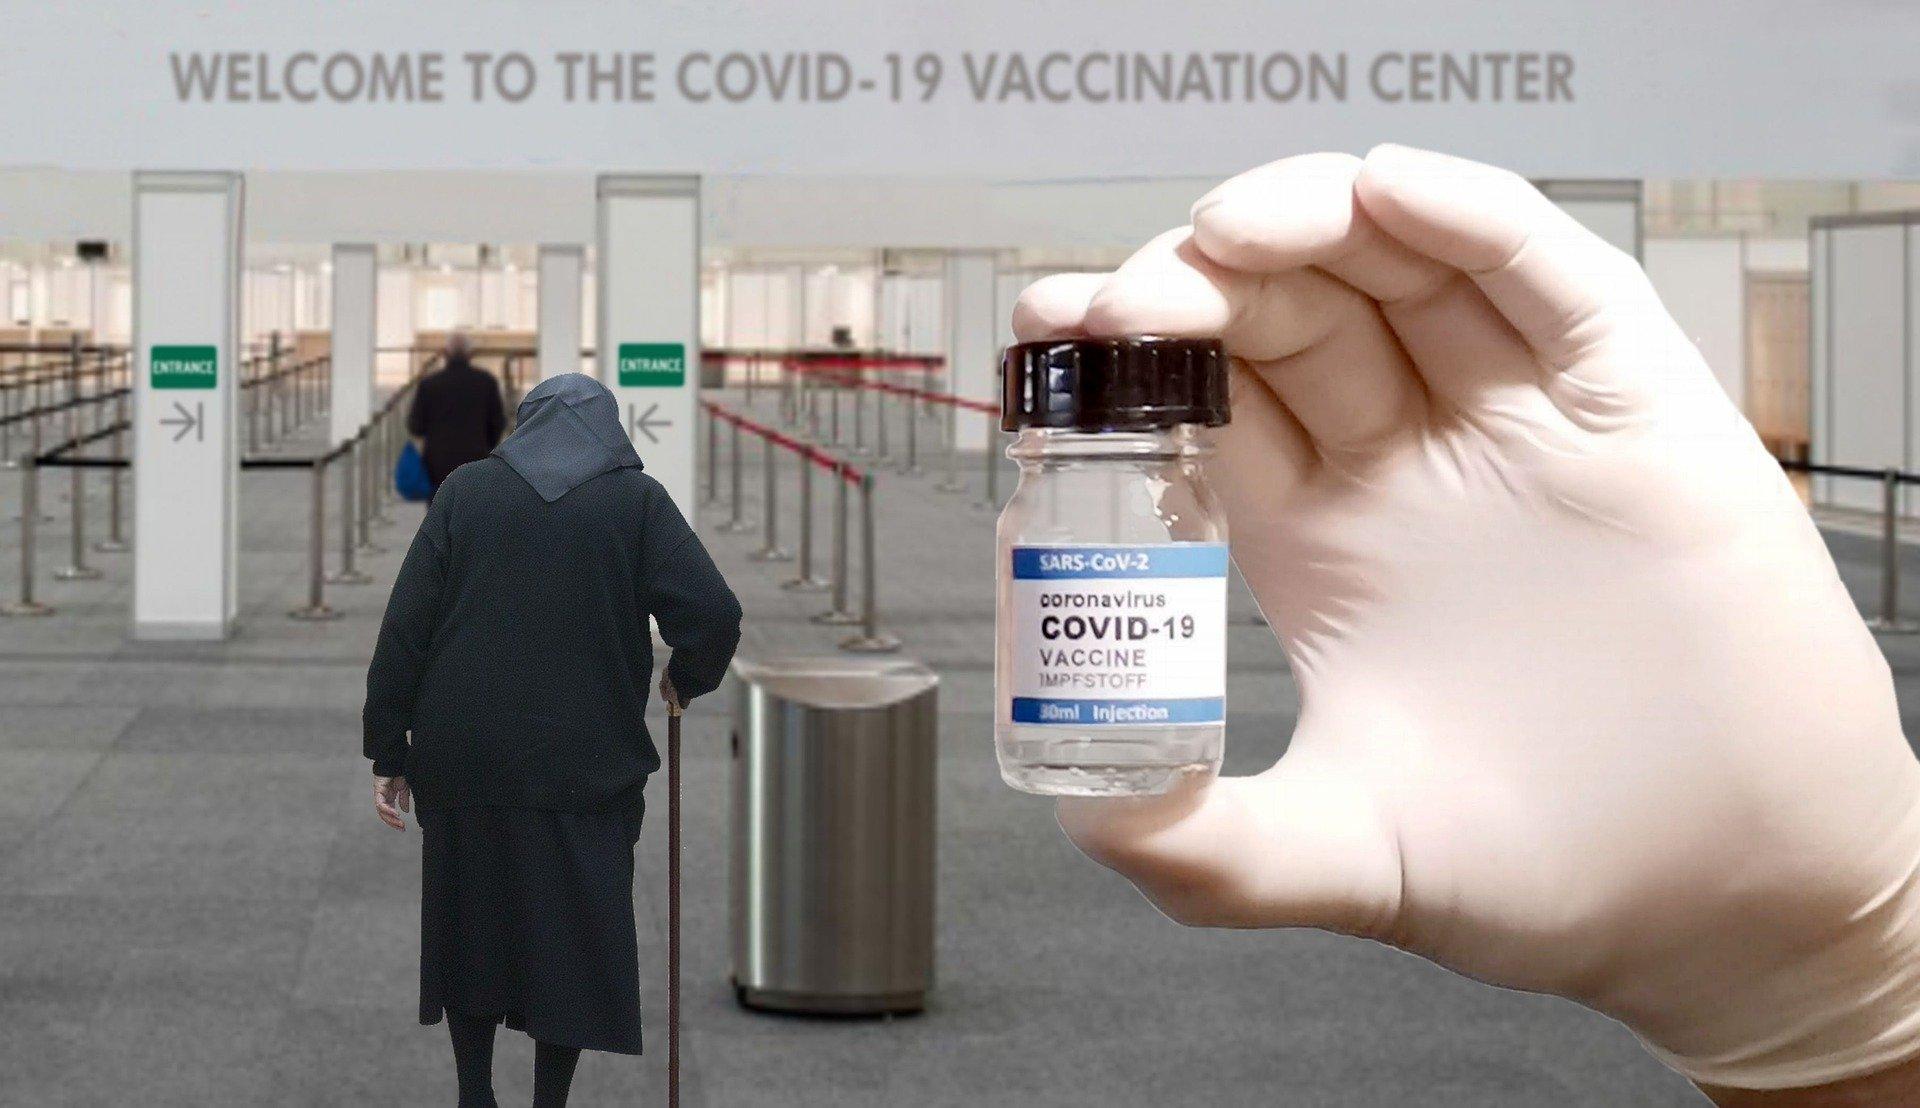 Nowe dane odnośnie grupy wiekowej dla szczepionki AstraZeneca.